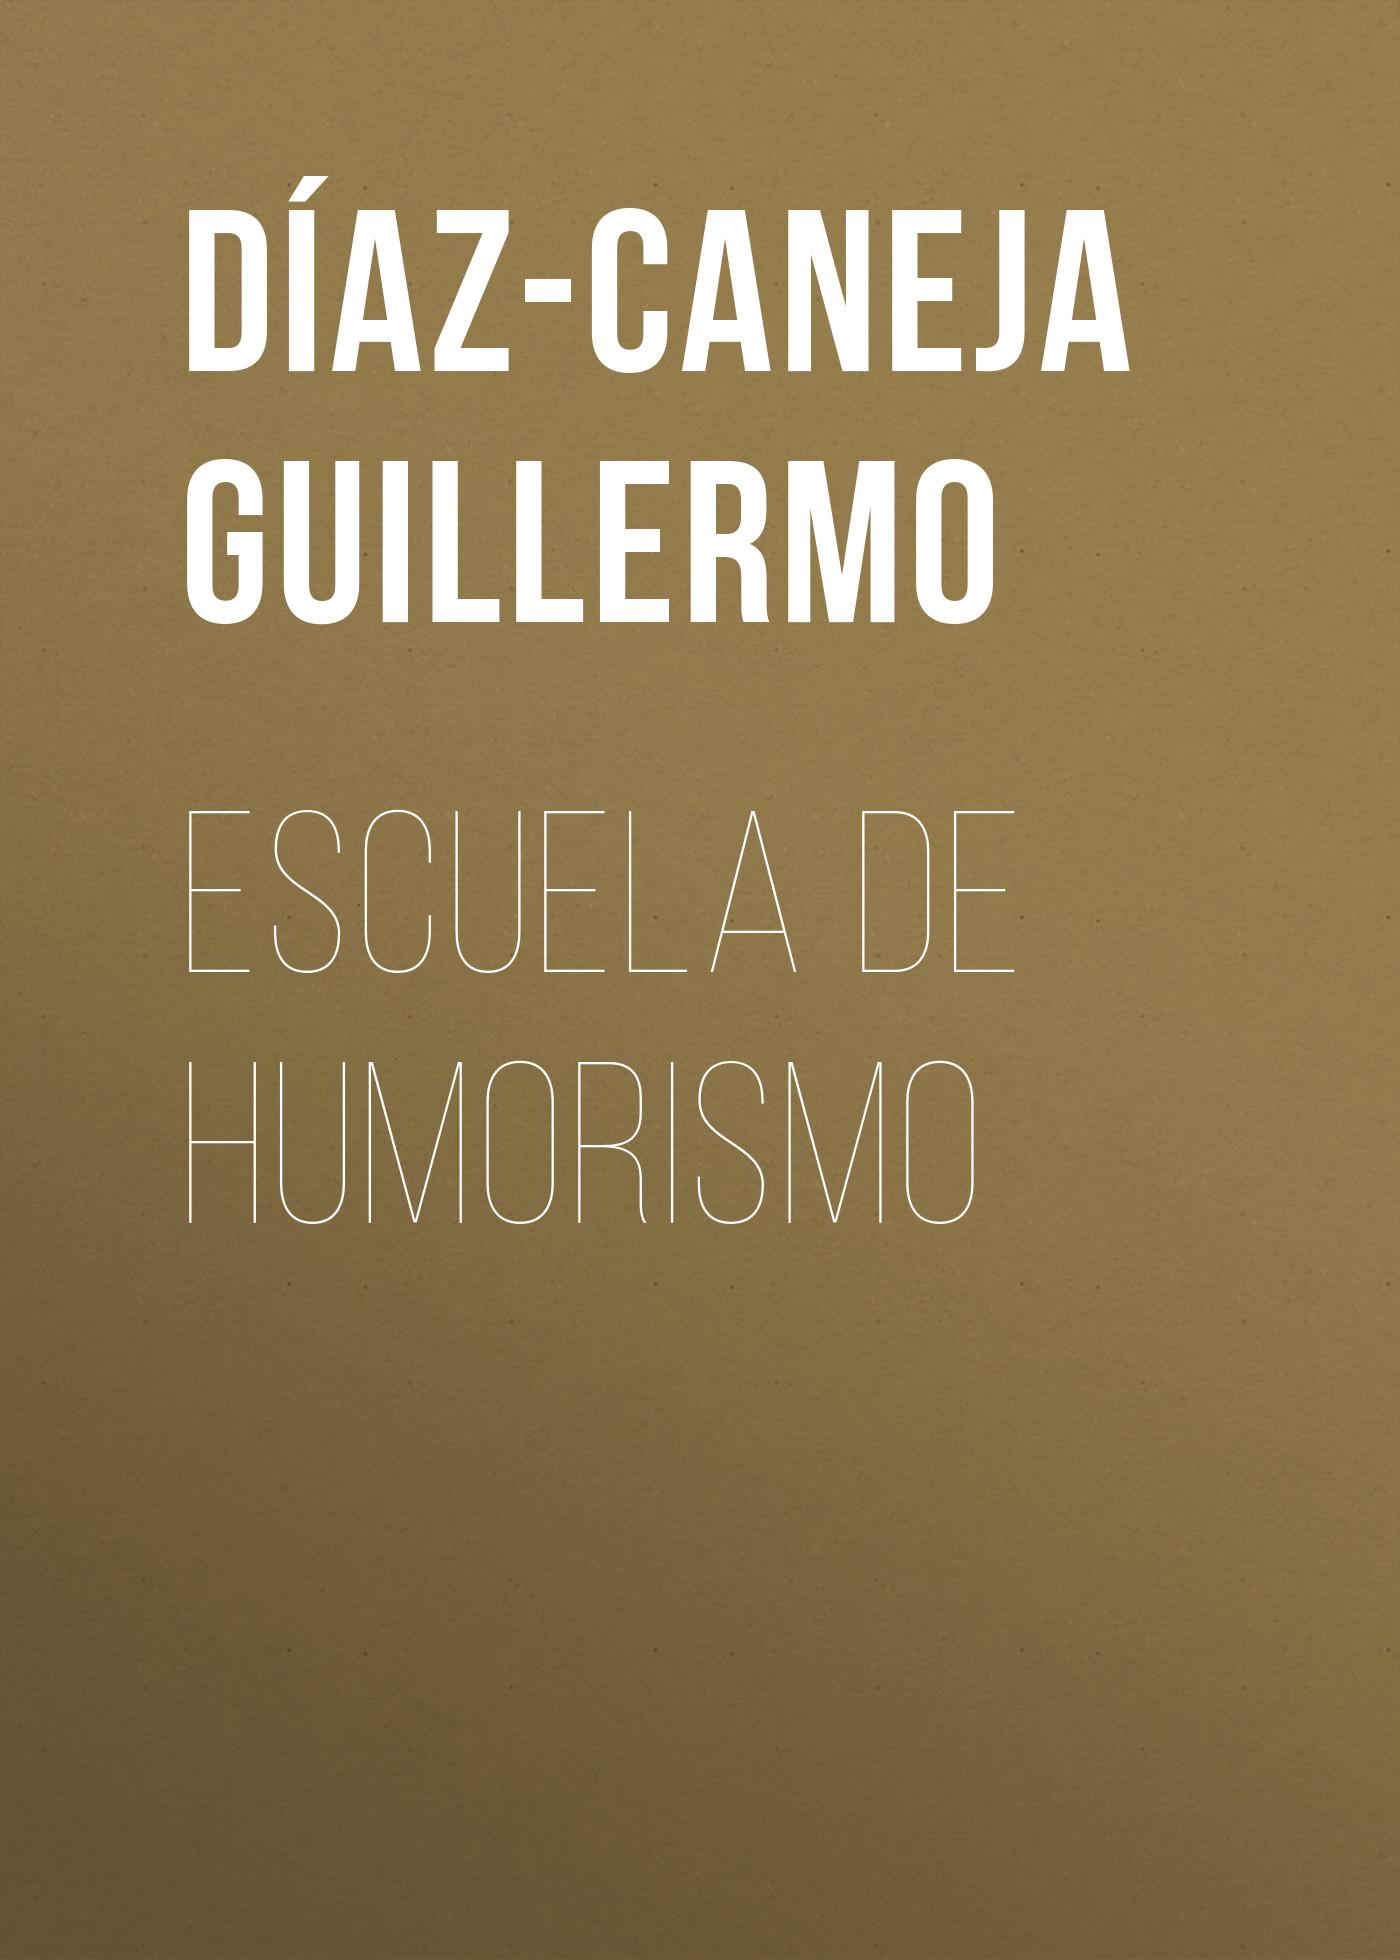 Díaz-Caneja Guillermo Escuela de Humorismo díaz caneja guillermo escuela de humorismo